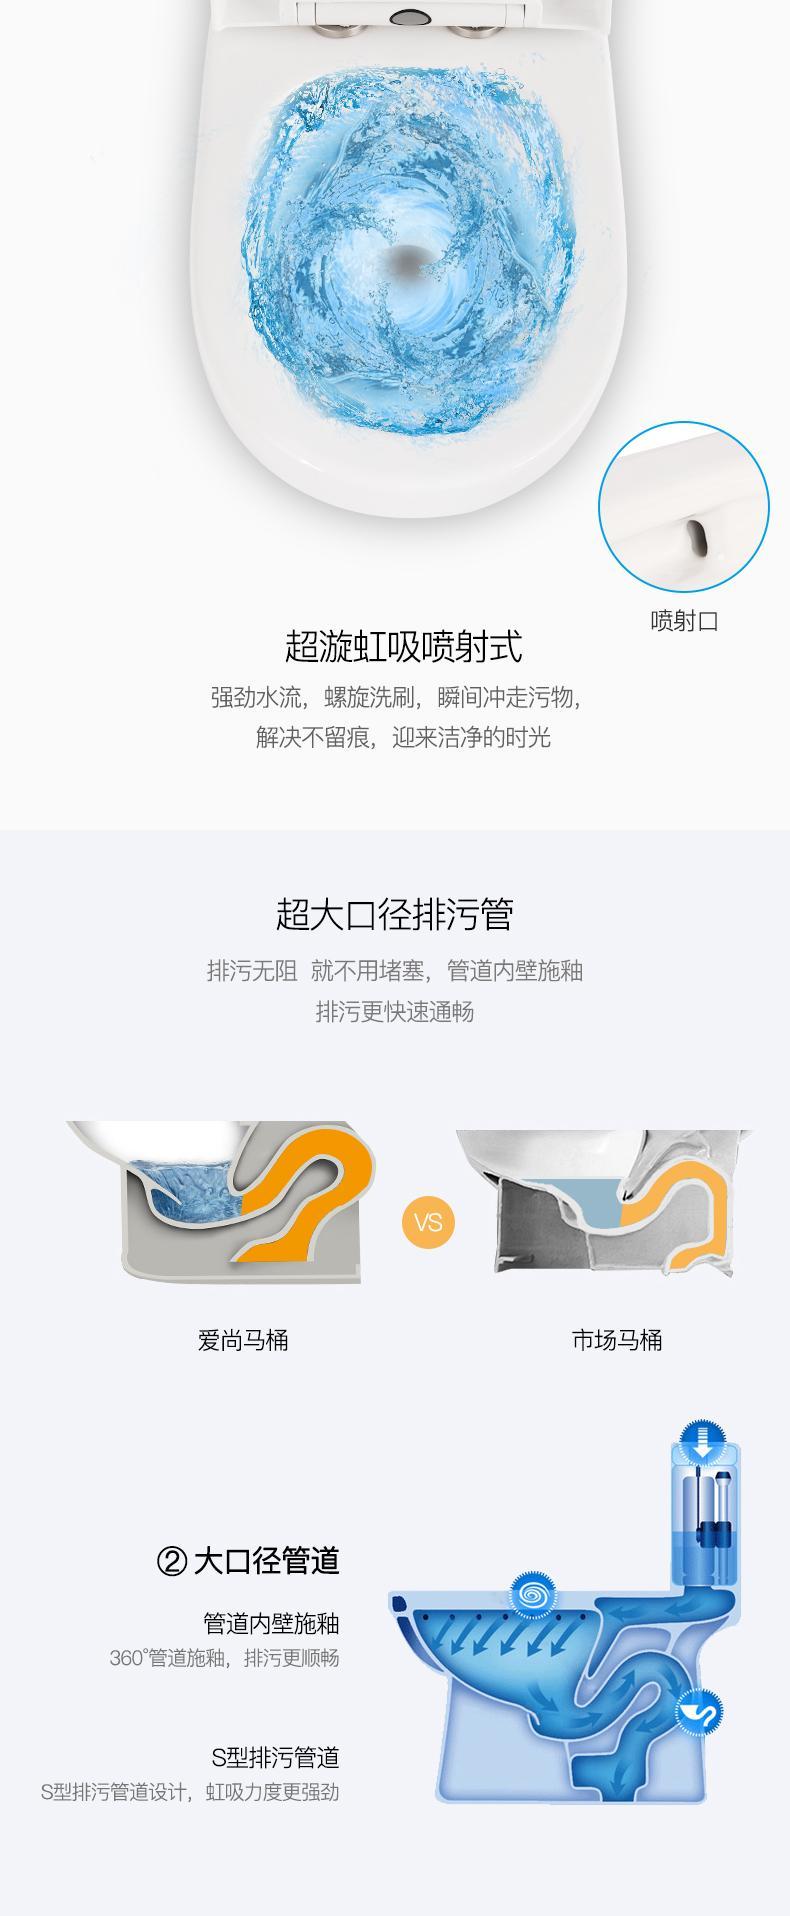 愛尚衛浴廠家直銷靜音節水馬桶 3